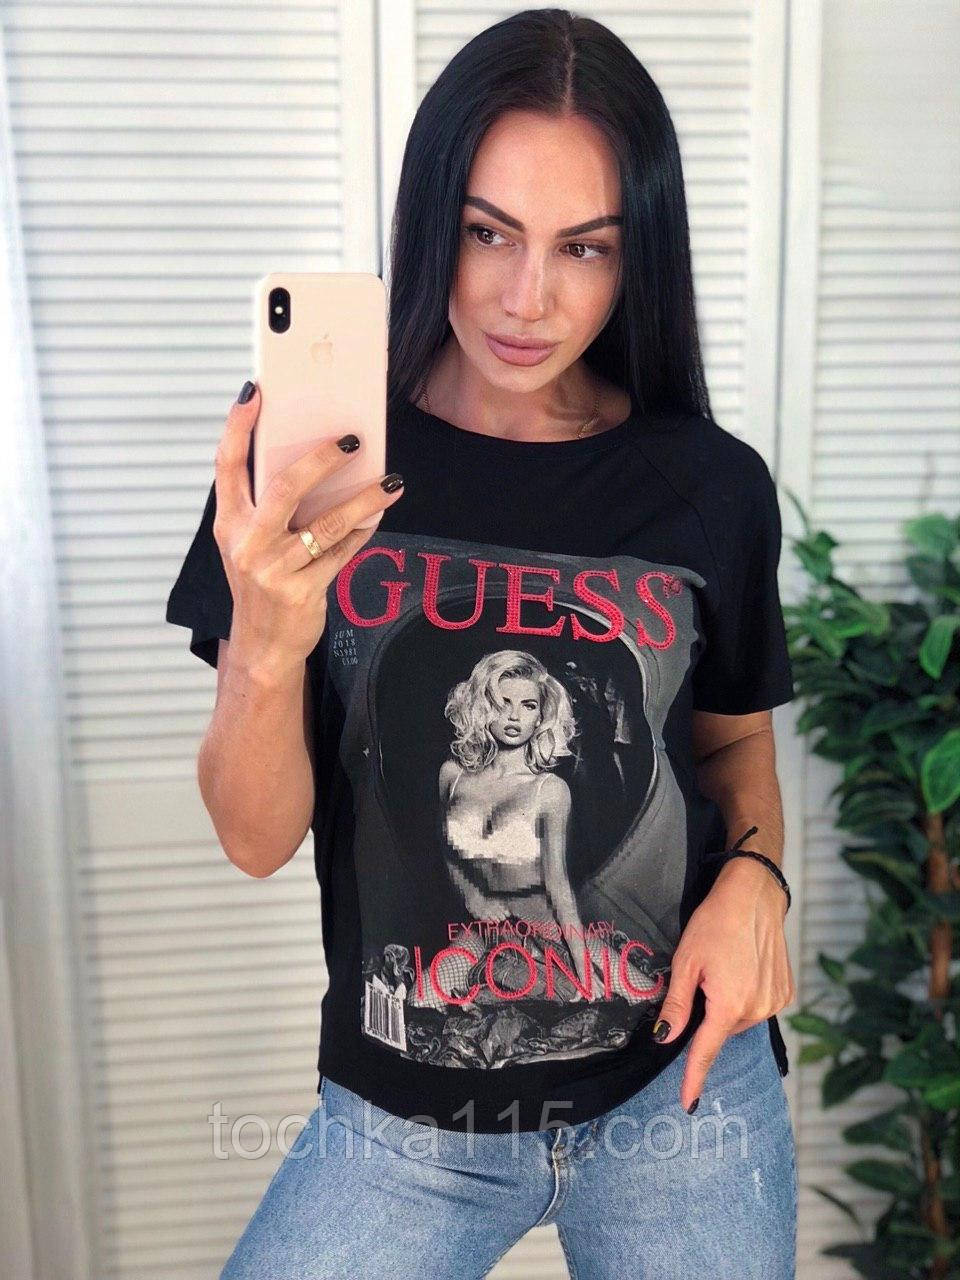 Стильная футболка,  очень легкая, Guess, S/M/L/XL, черная